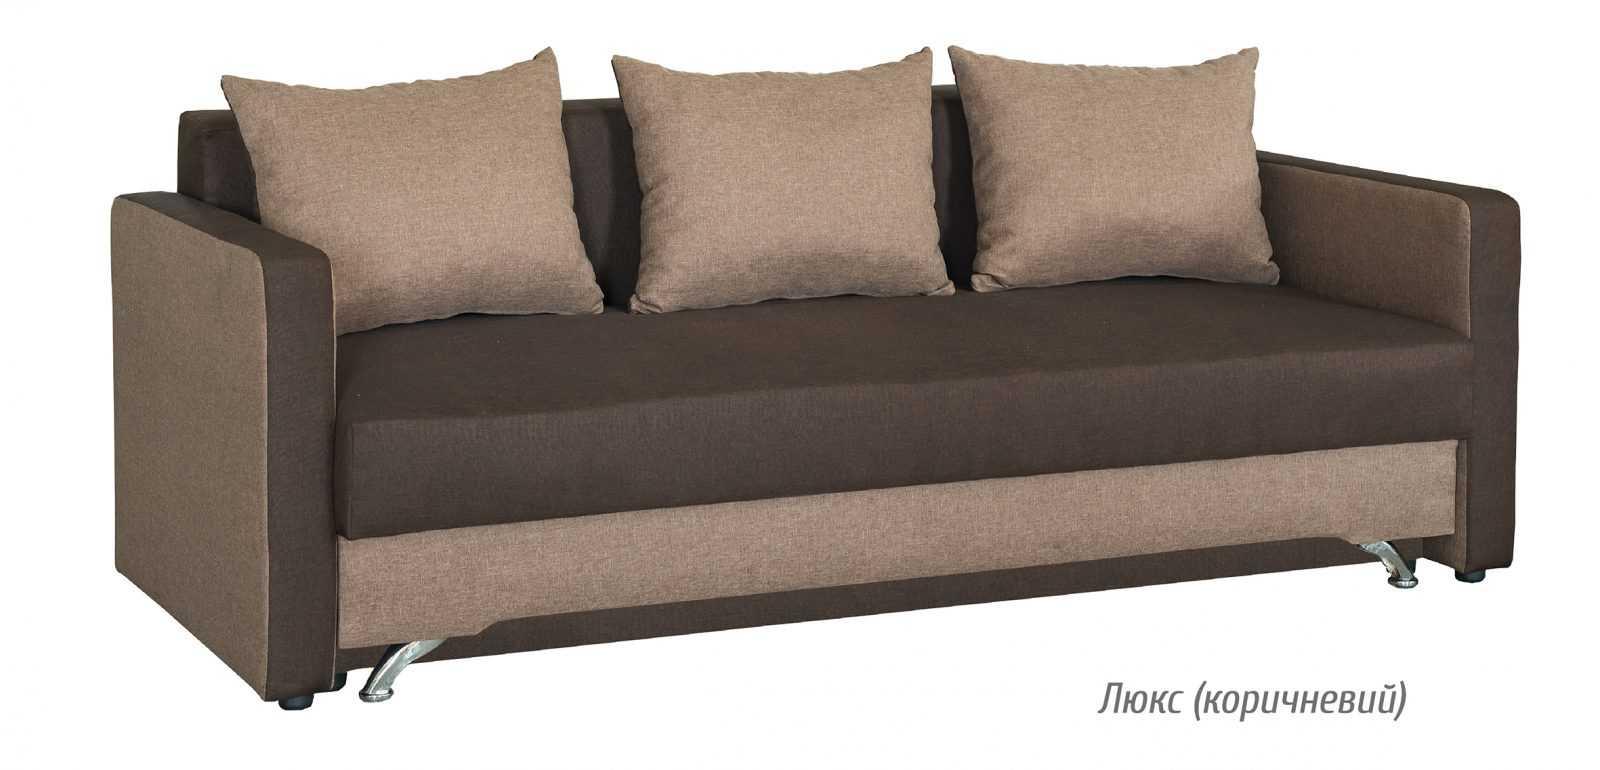 Лира New диван раскладной (Мебель Сервис)